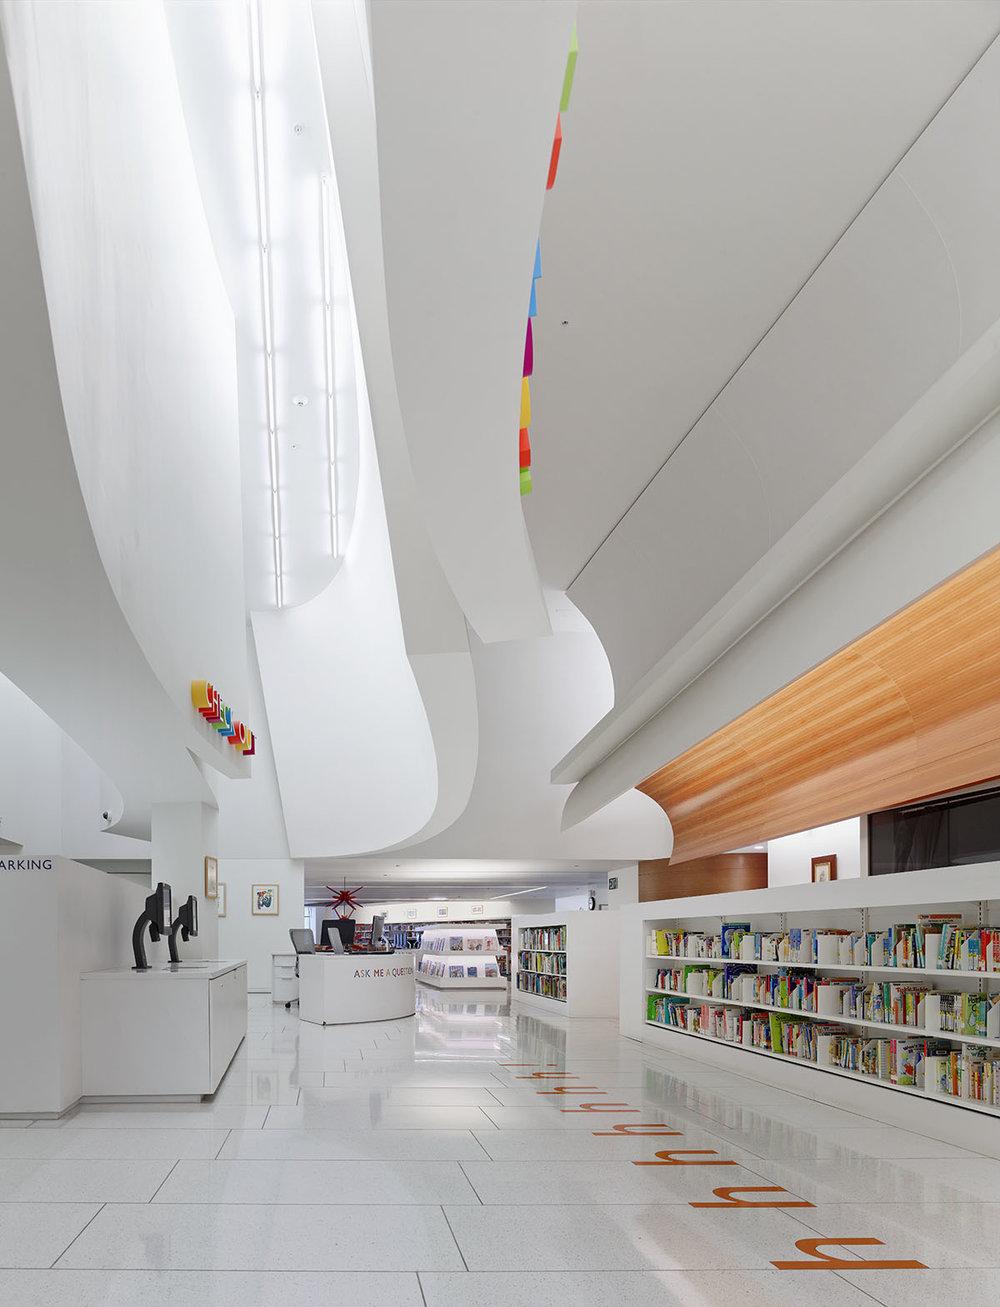 Central lobby area